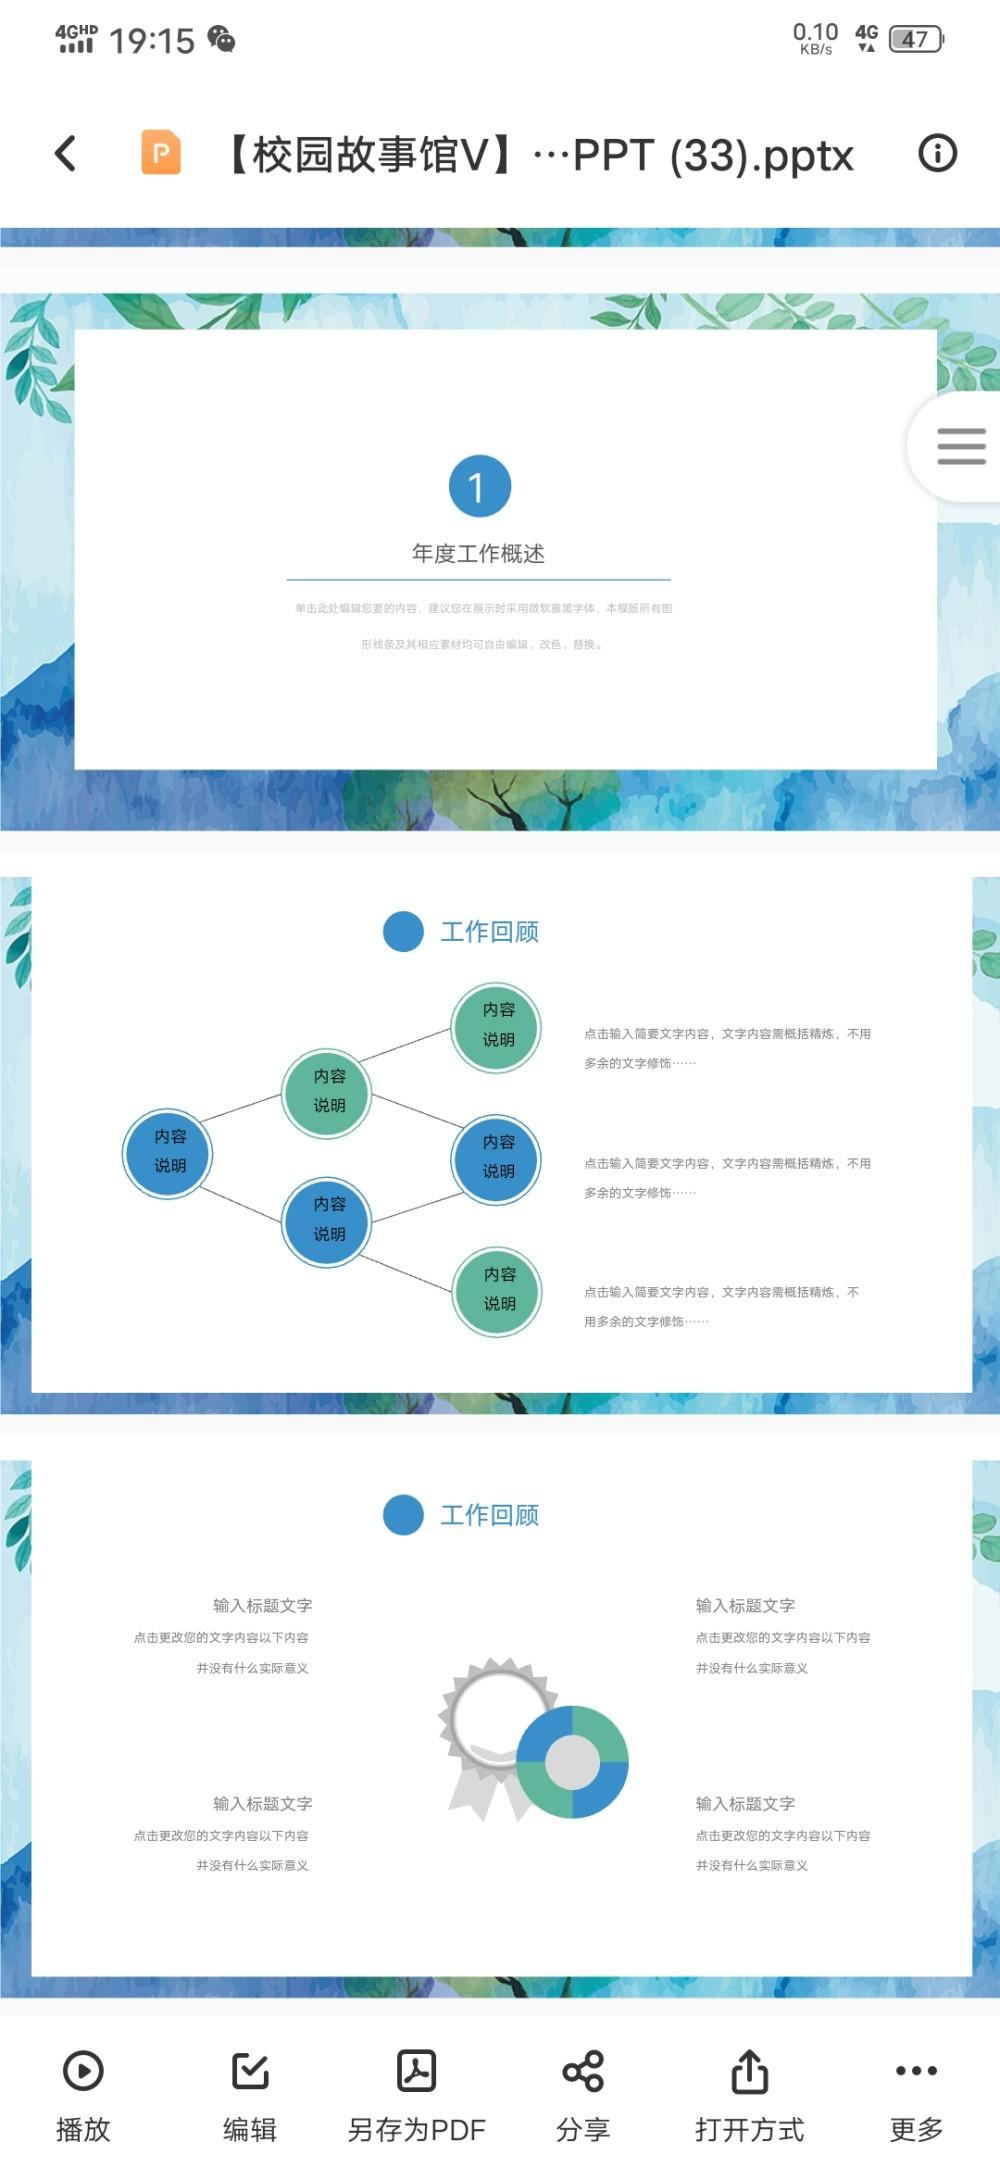 图片[1]-超实用PPT模板-飞享资源网